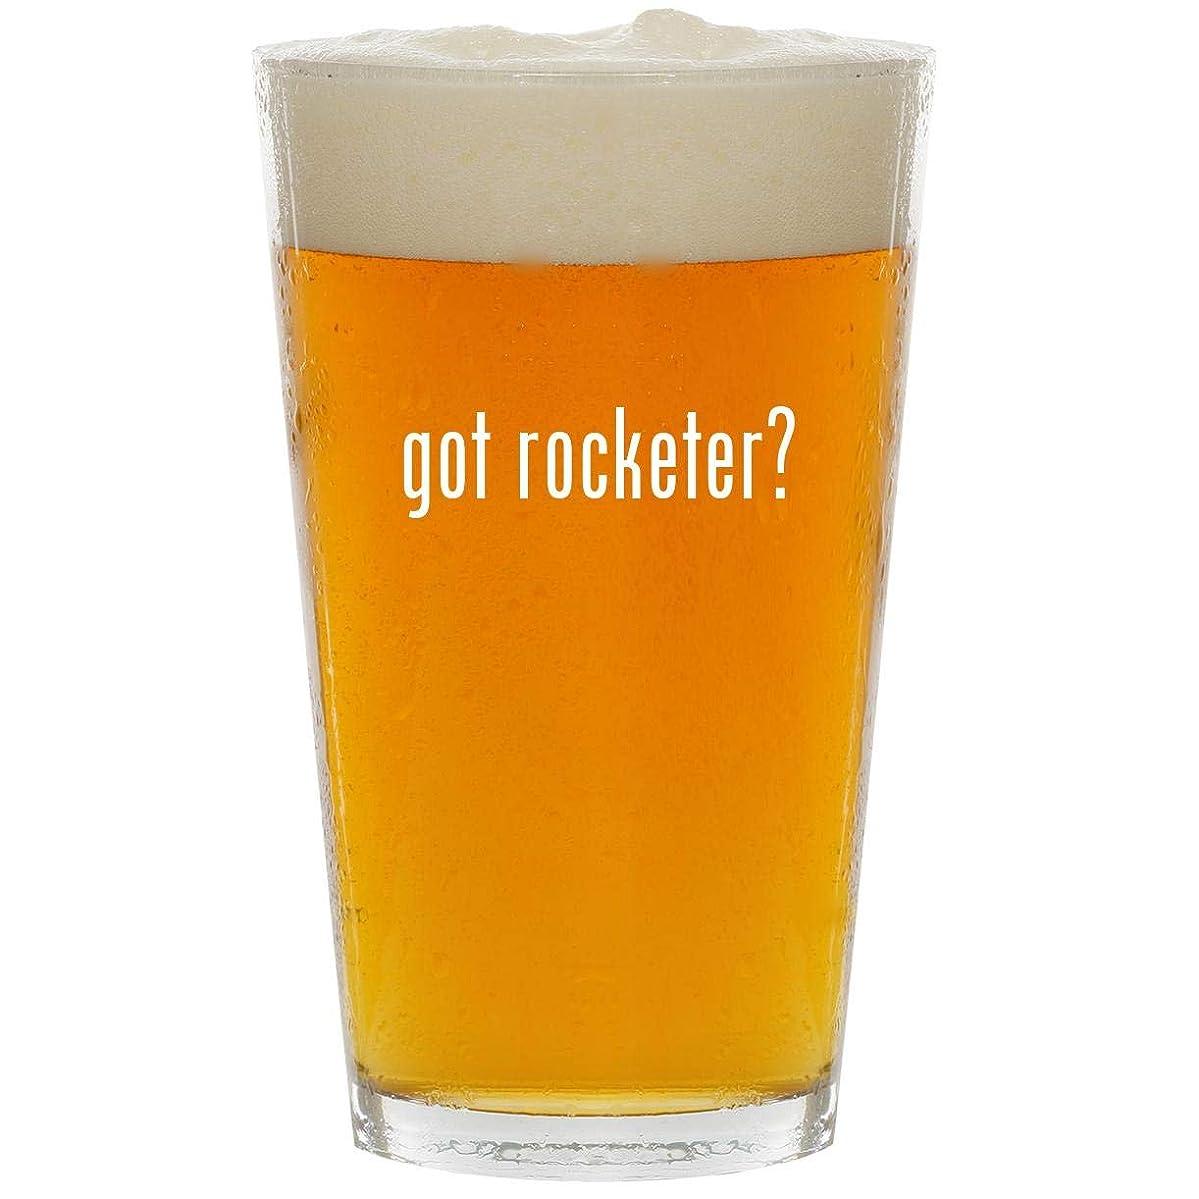 got rocketer? - Glass 16oz Beer Pint